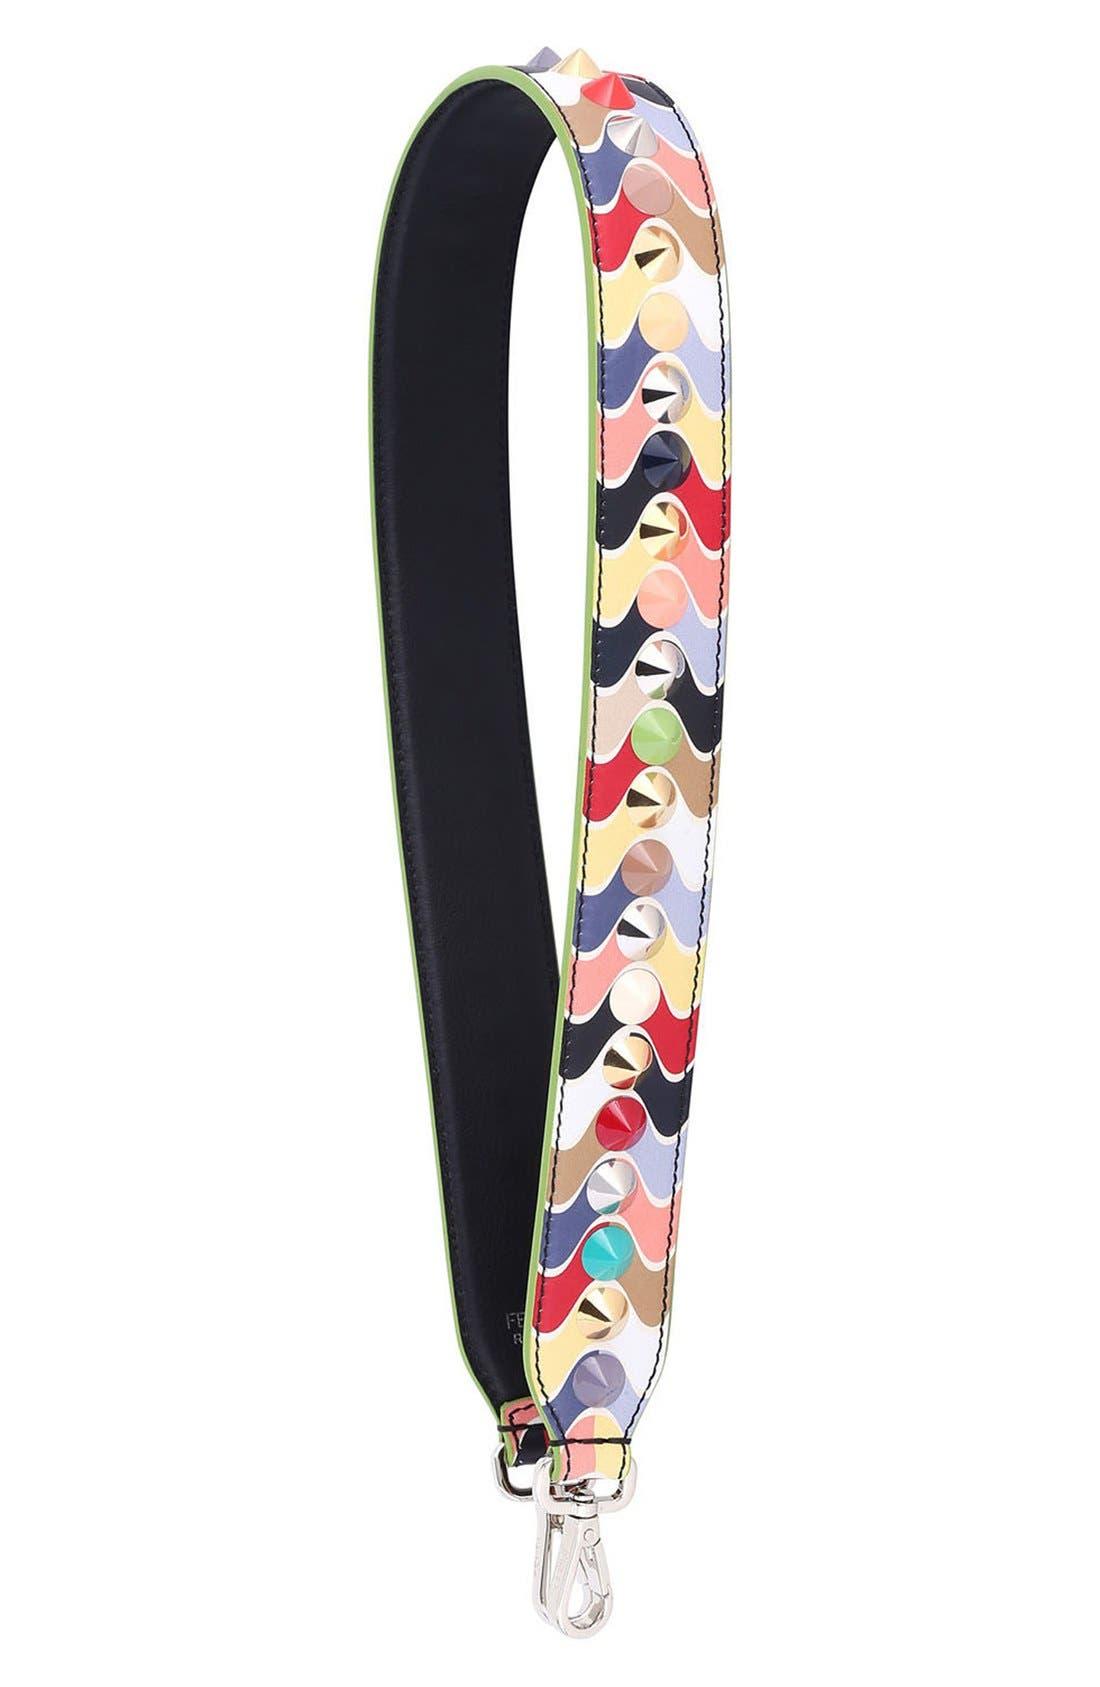 Alternate Image 1 Selected - Fendi Strap You Wave Stud Leather Guitar Bag Strap